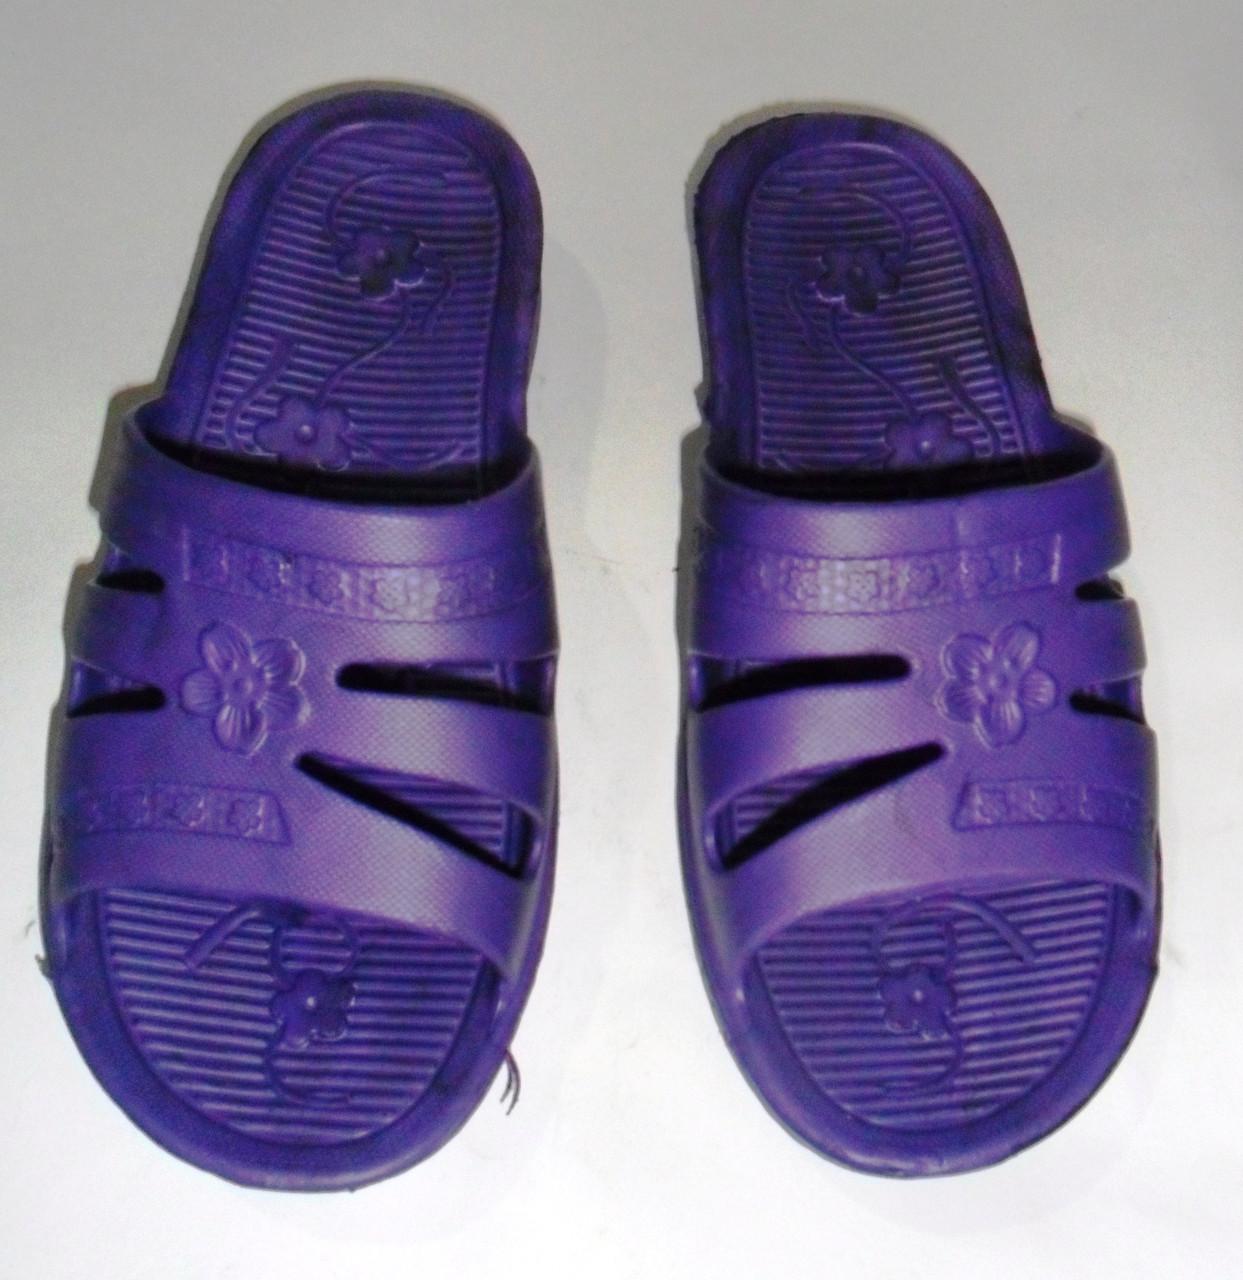 60d1f2f66 Шлепанцы женские резиновые(фиолетовые) - Интернет-магазин обуви и белья